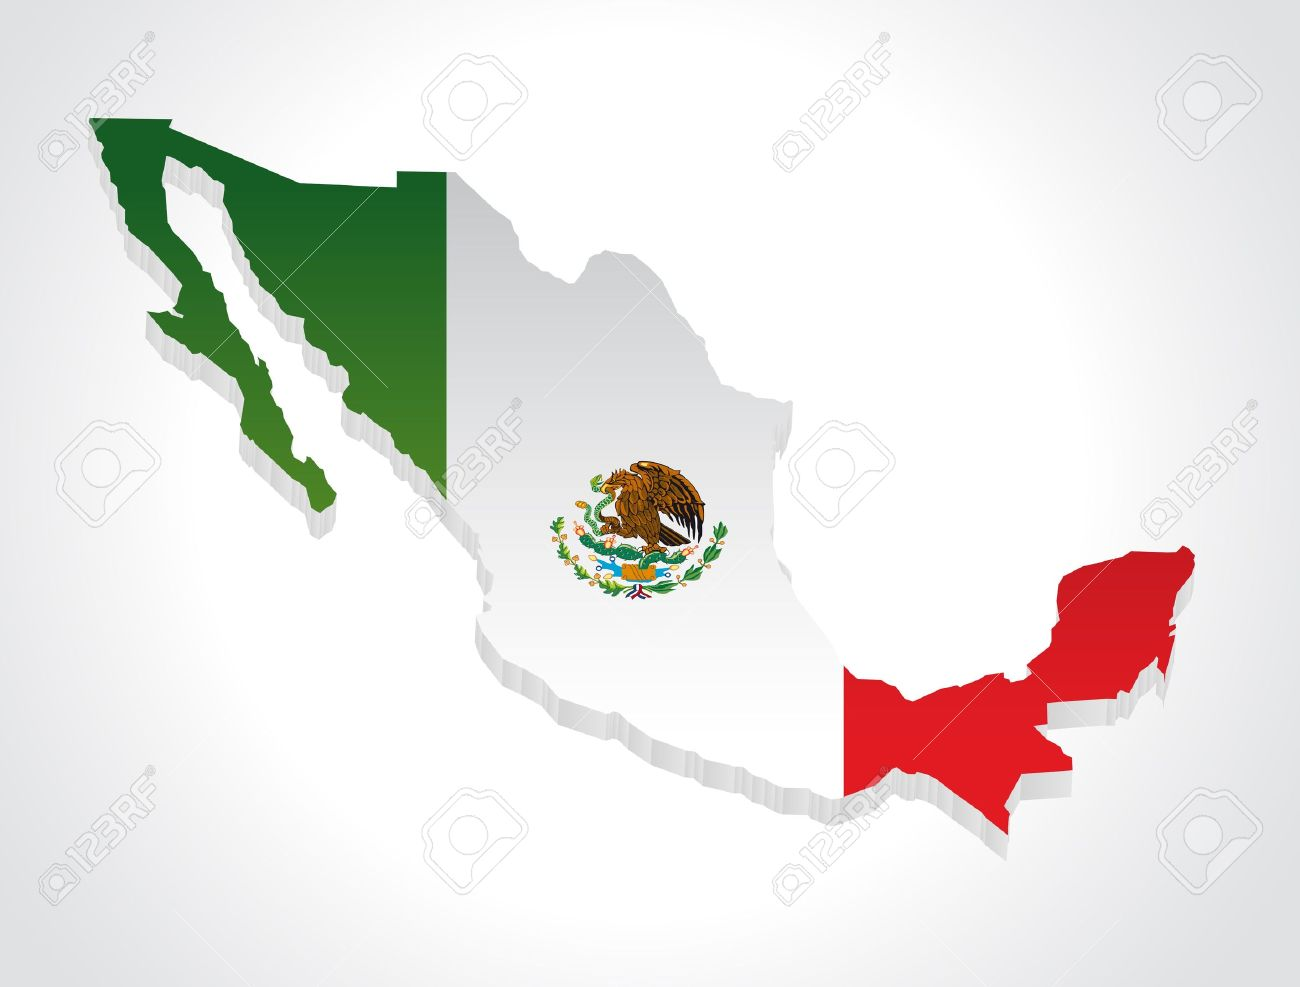 Mapa De Mexico En D Ilustraciones Vectoriales Clip Art - Mapa de mexico